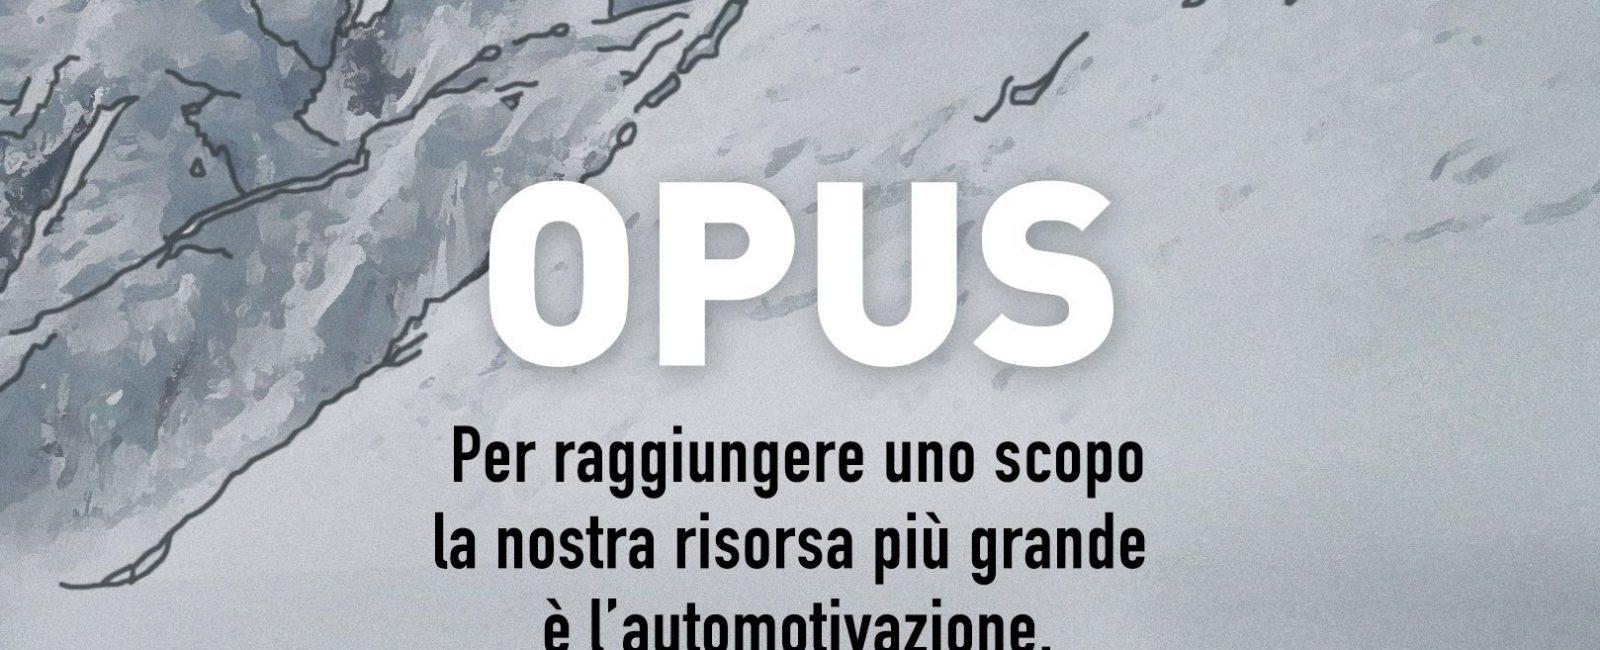 L'automotivazione, copertina libro OPUS